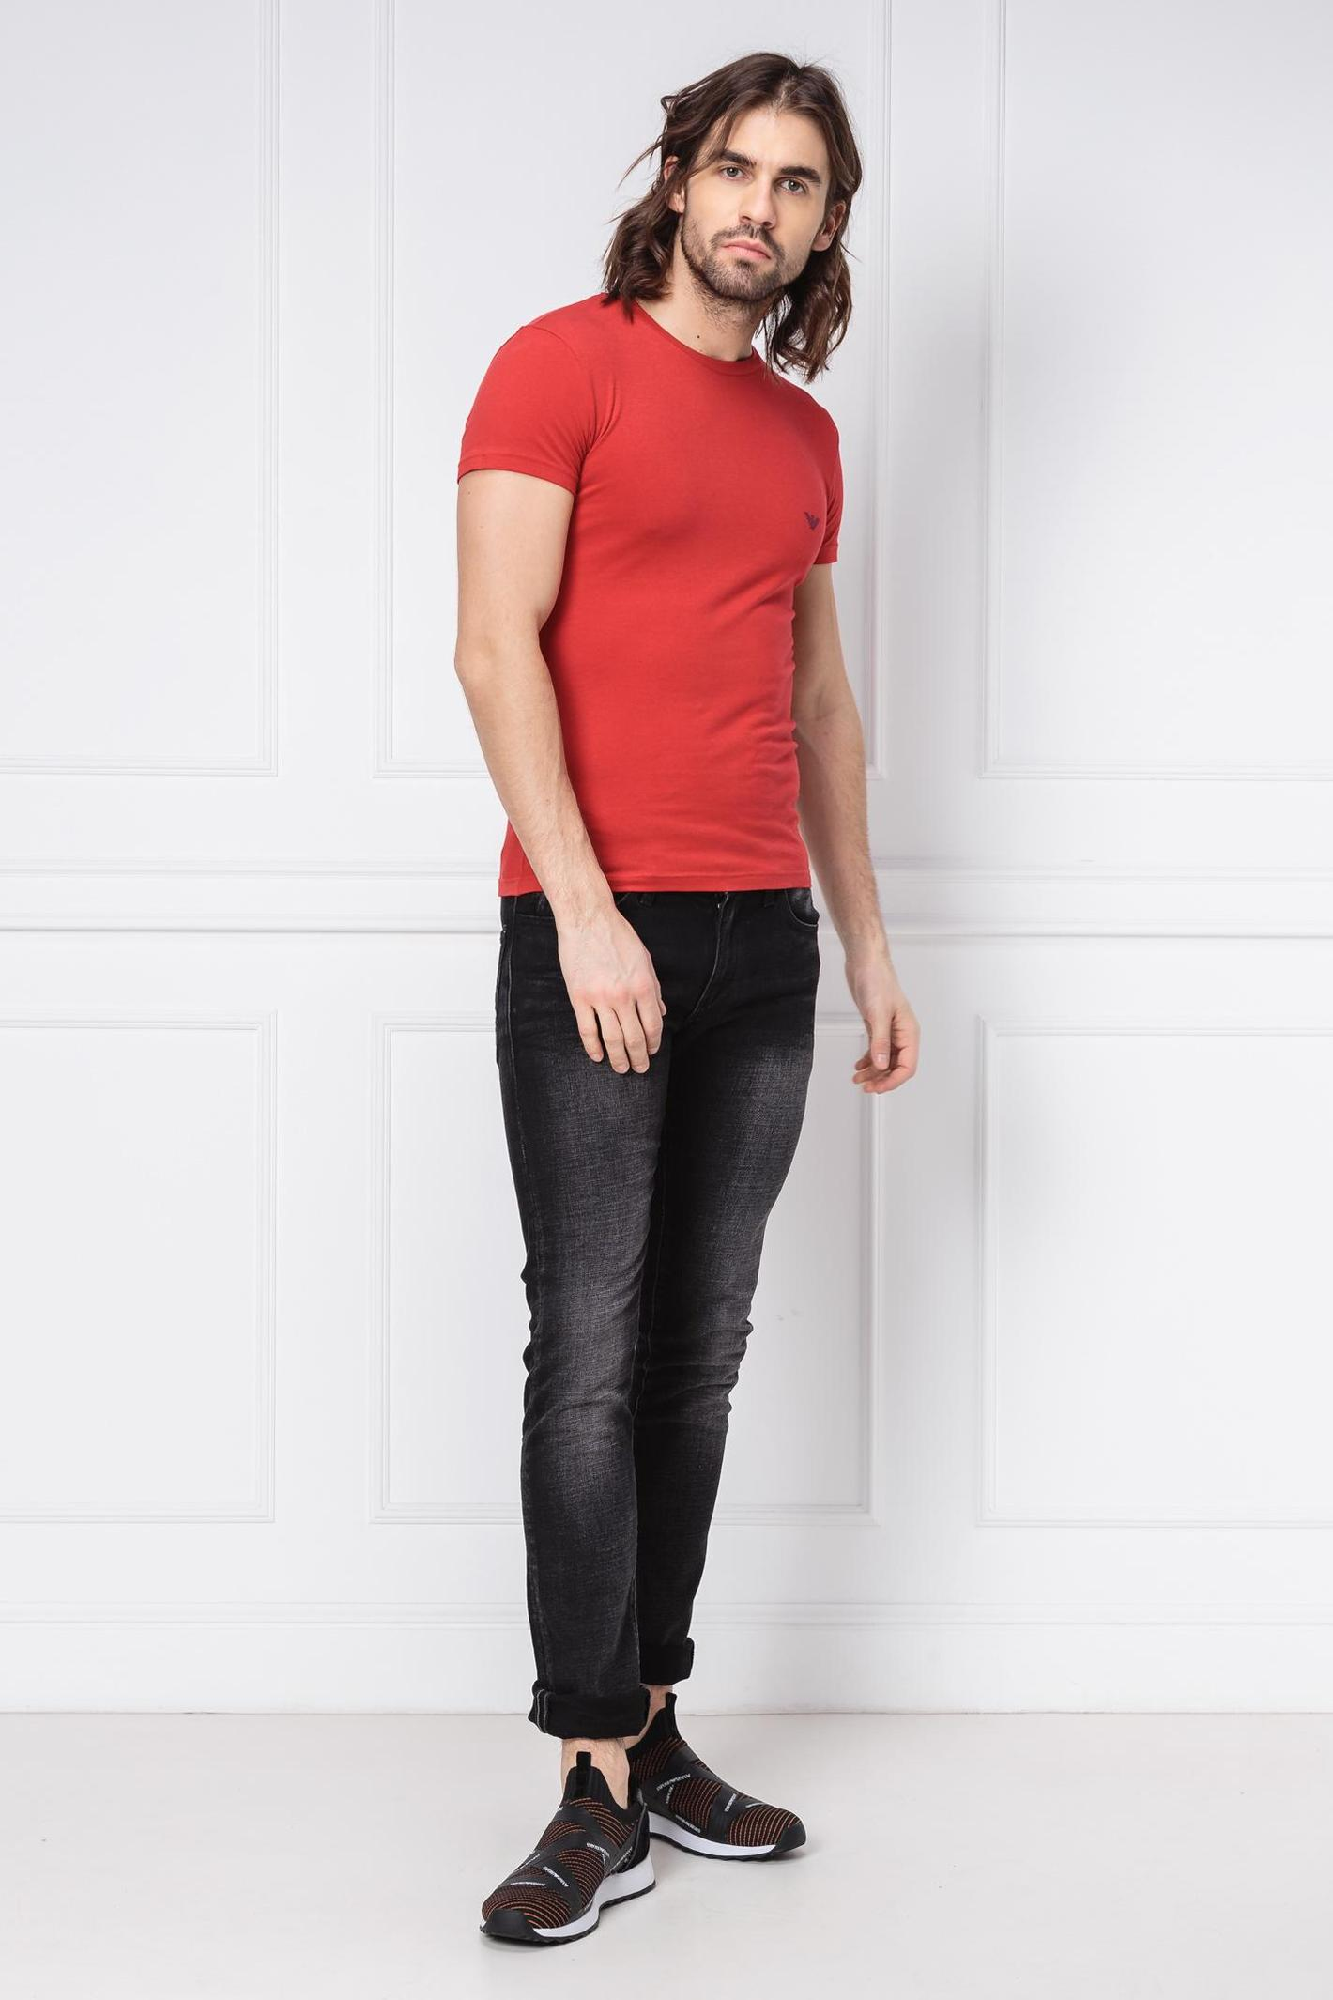 Pánske tričko 111035 9P725 červená - Emporio Armani červená L